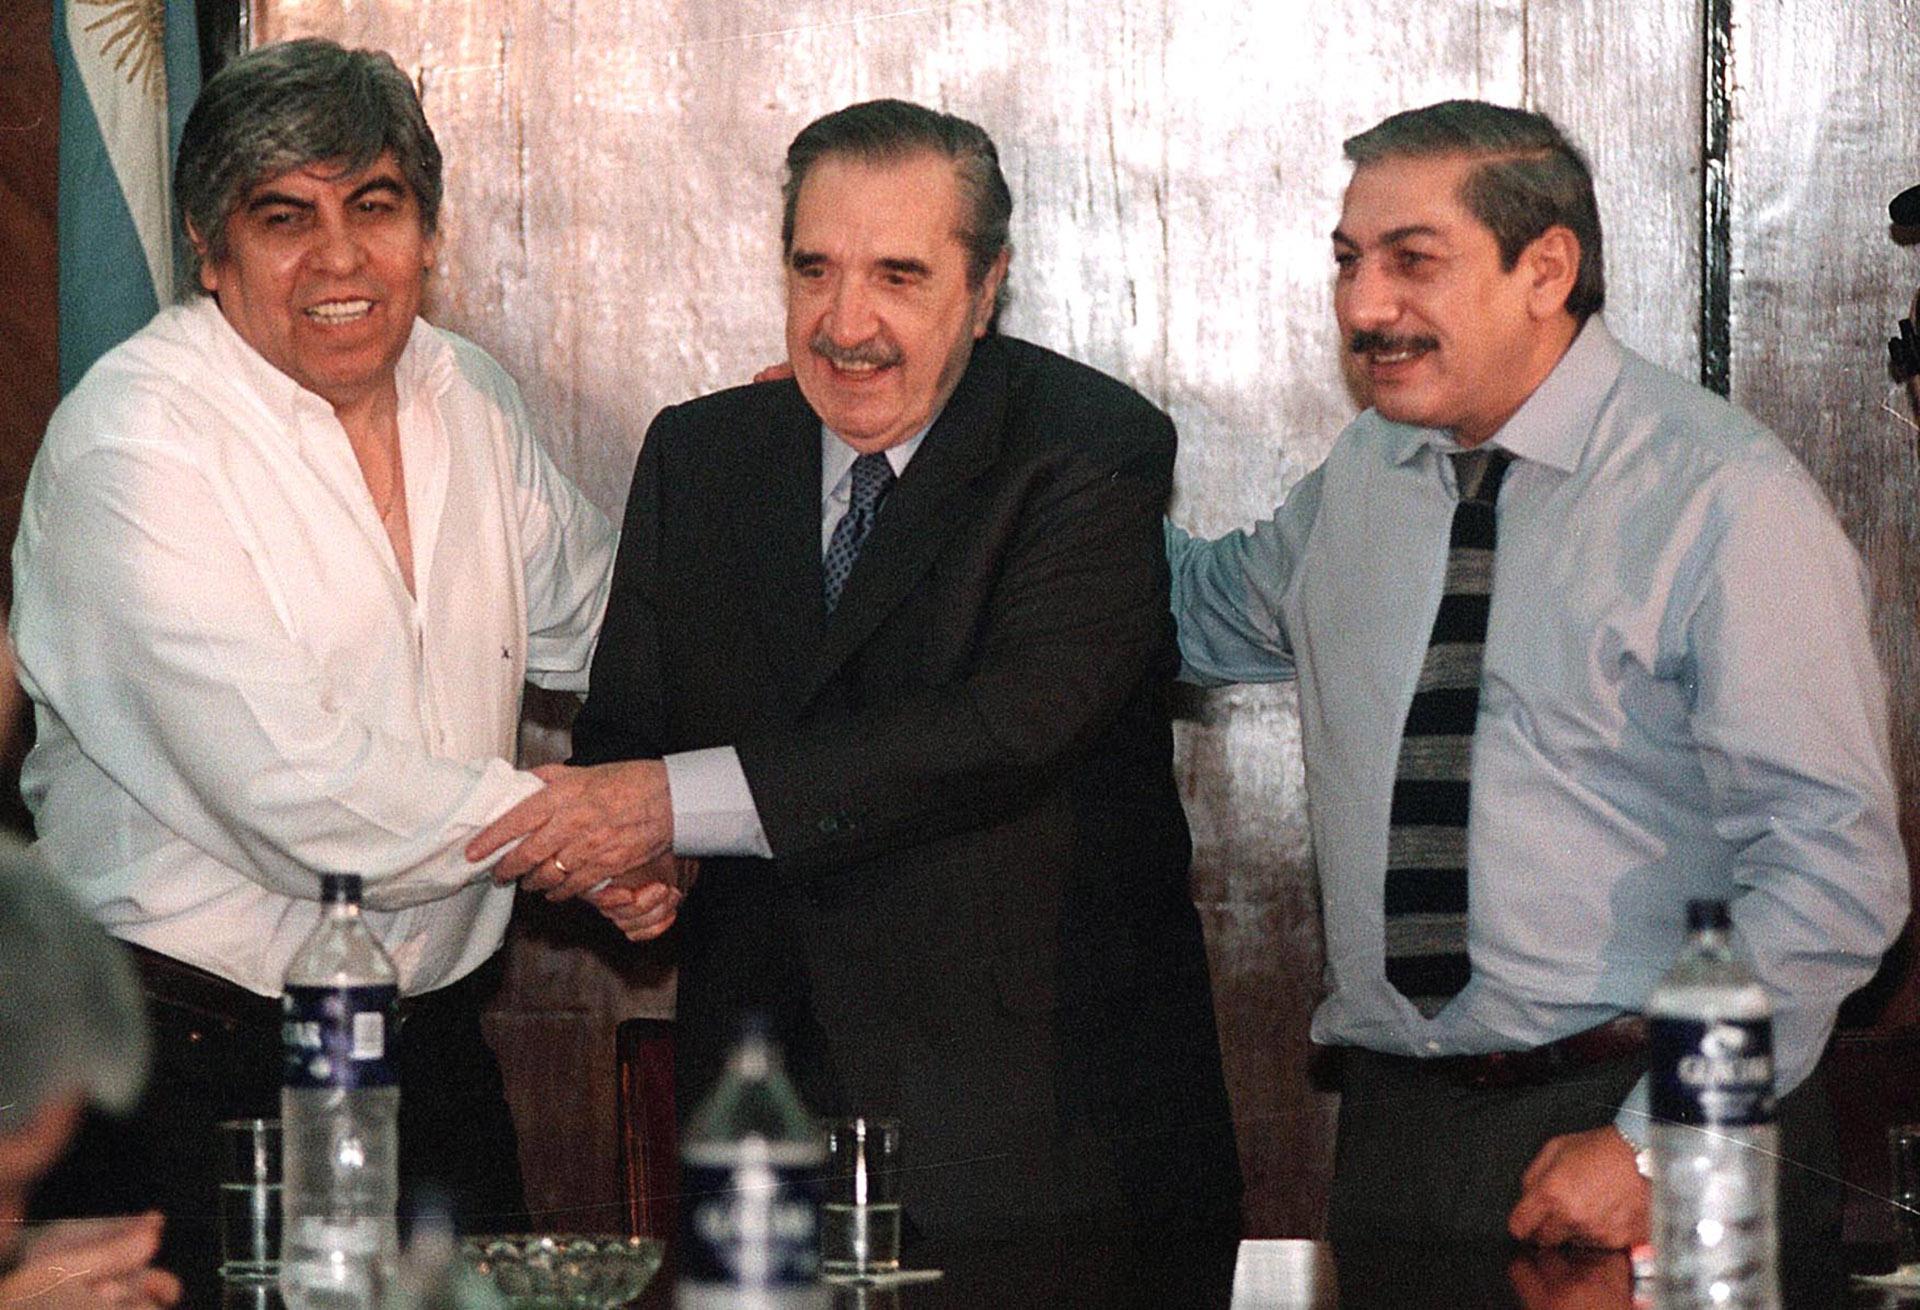 Ya como senador electo, Alfonsín se reunió con Hugo Moyano y Adolfo Daer en la sede de la CGT